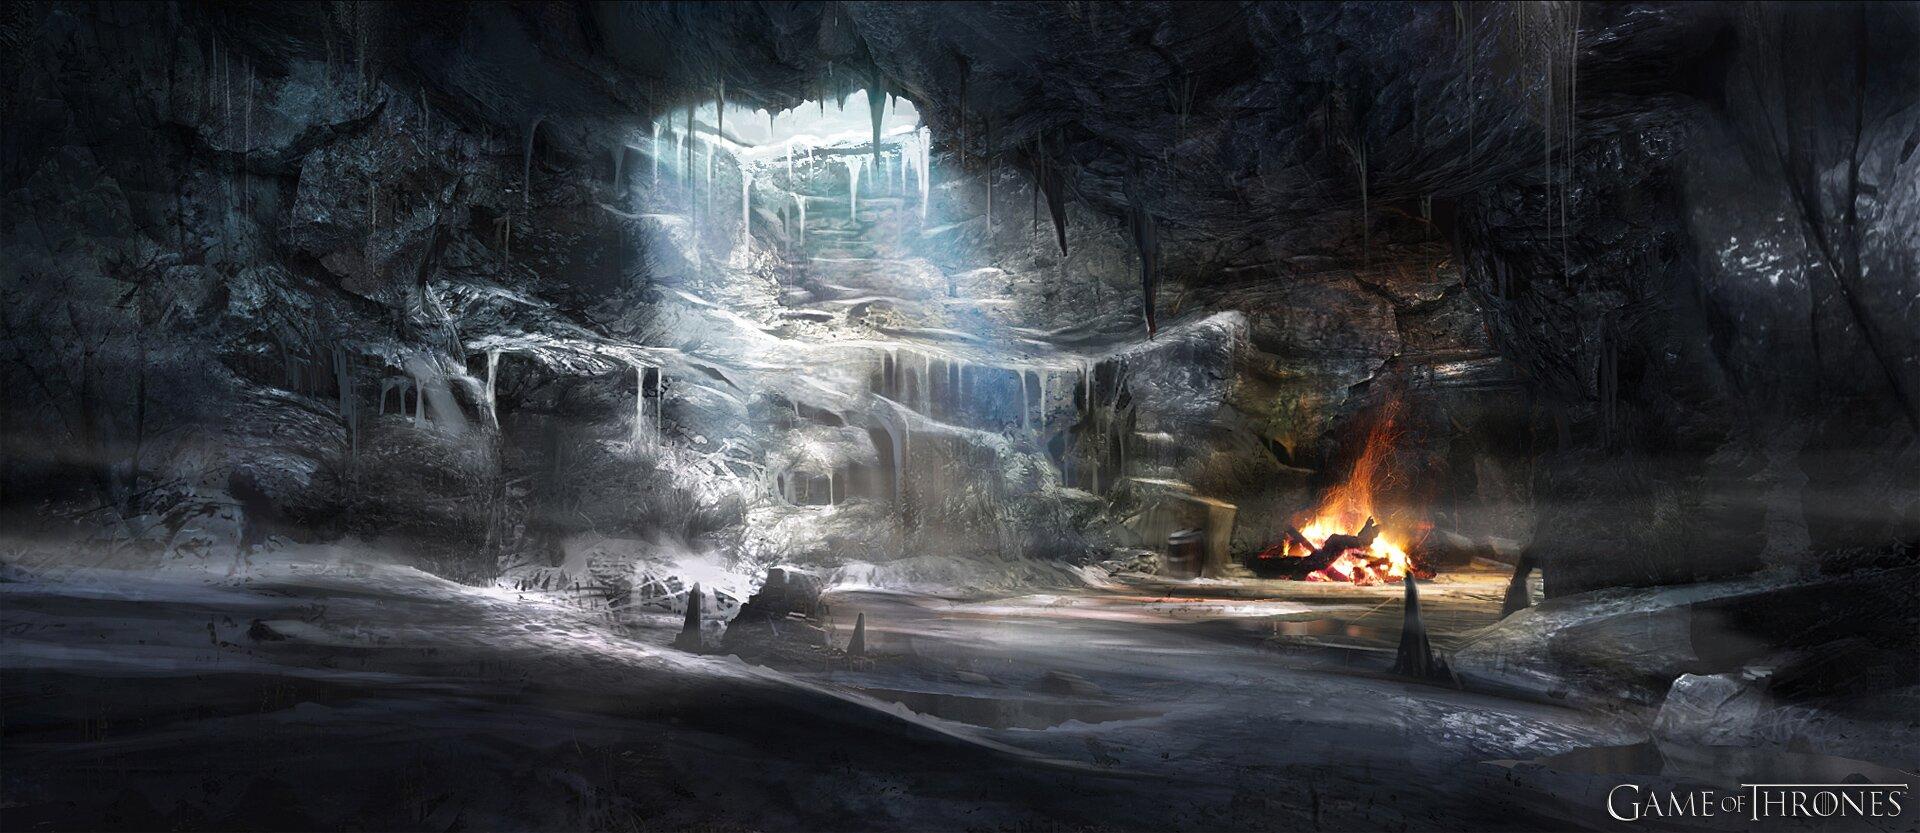 Imagenes Epicas Gameofthrones_artwork-06